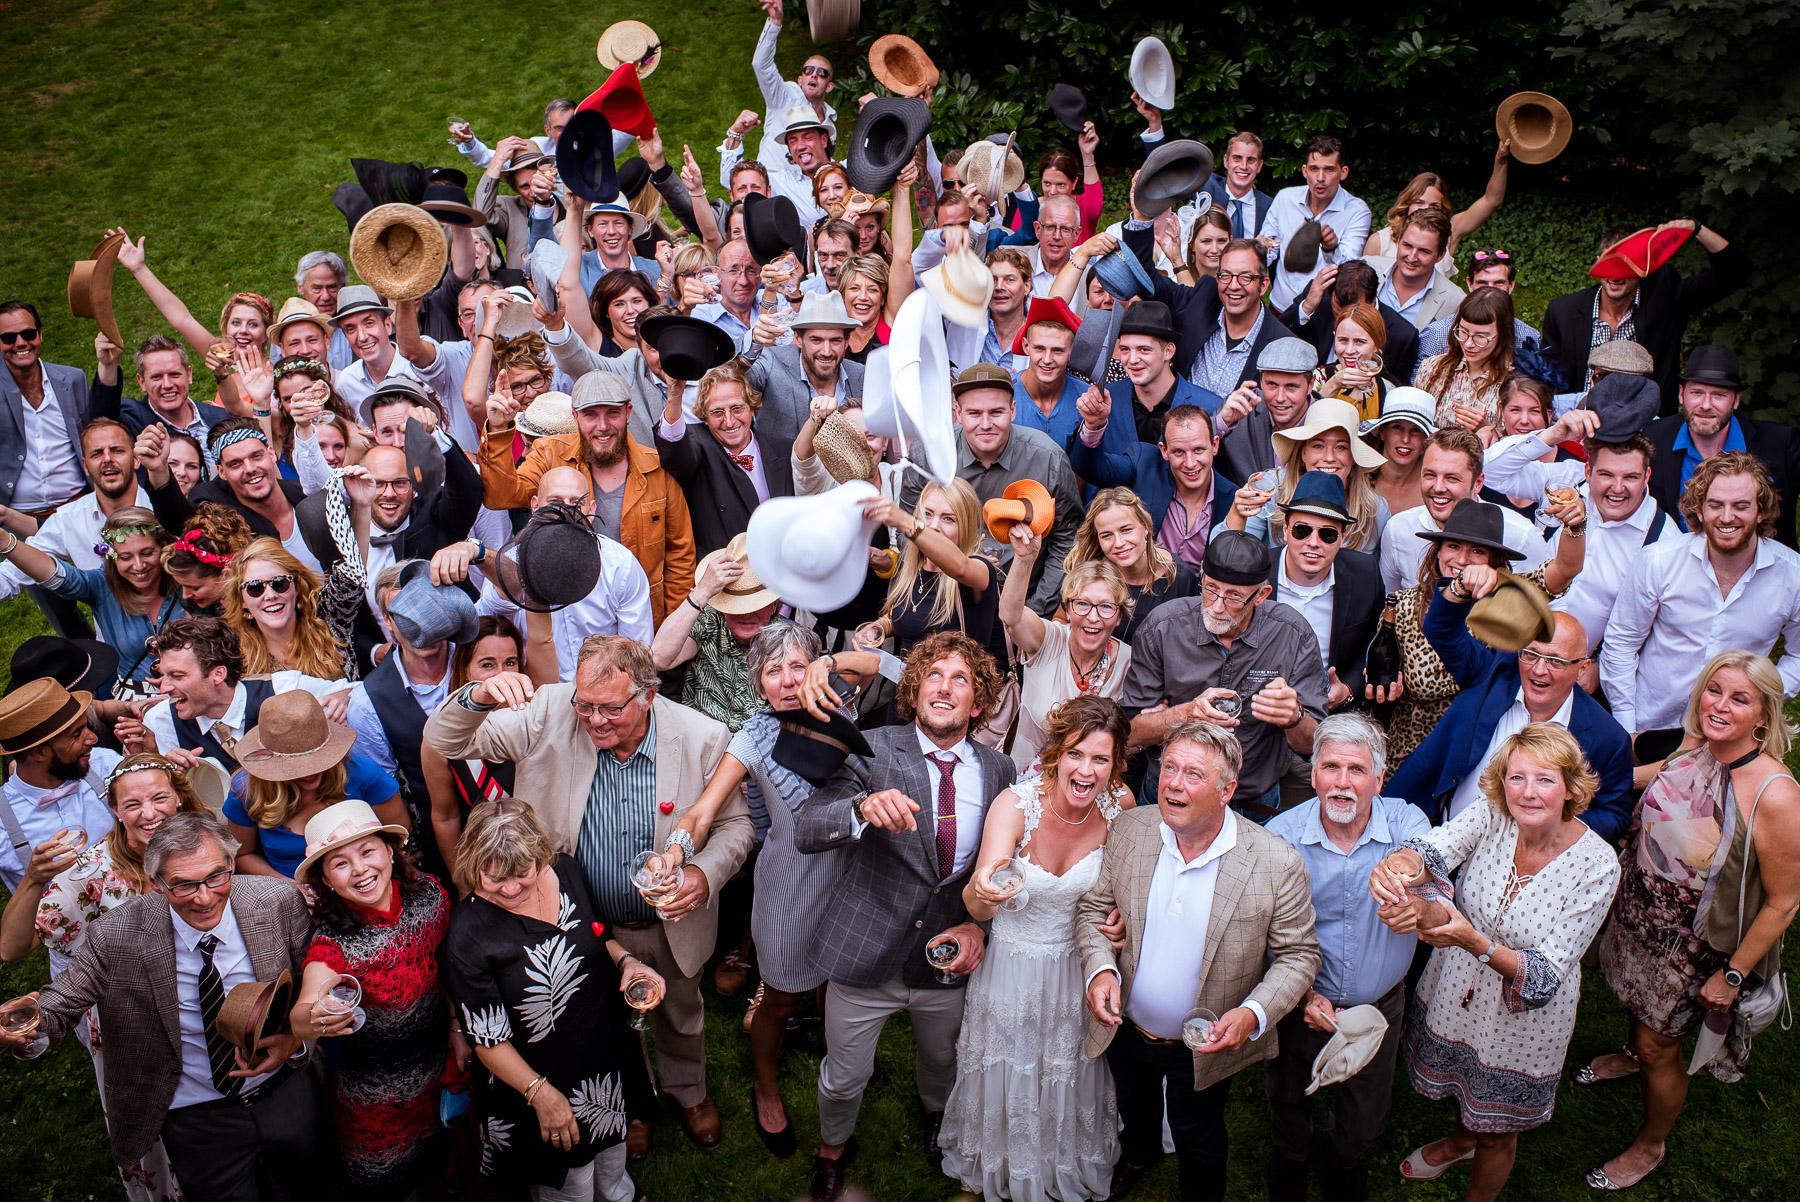 Aantal gasten op de bruiloft